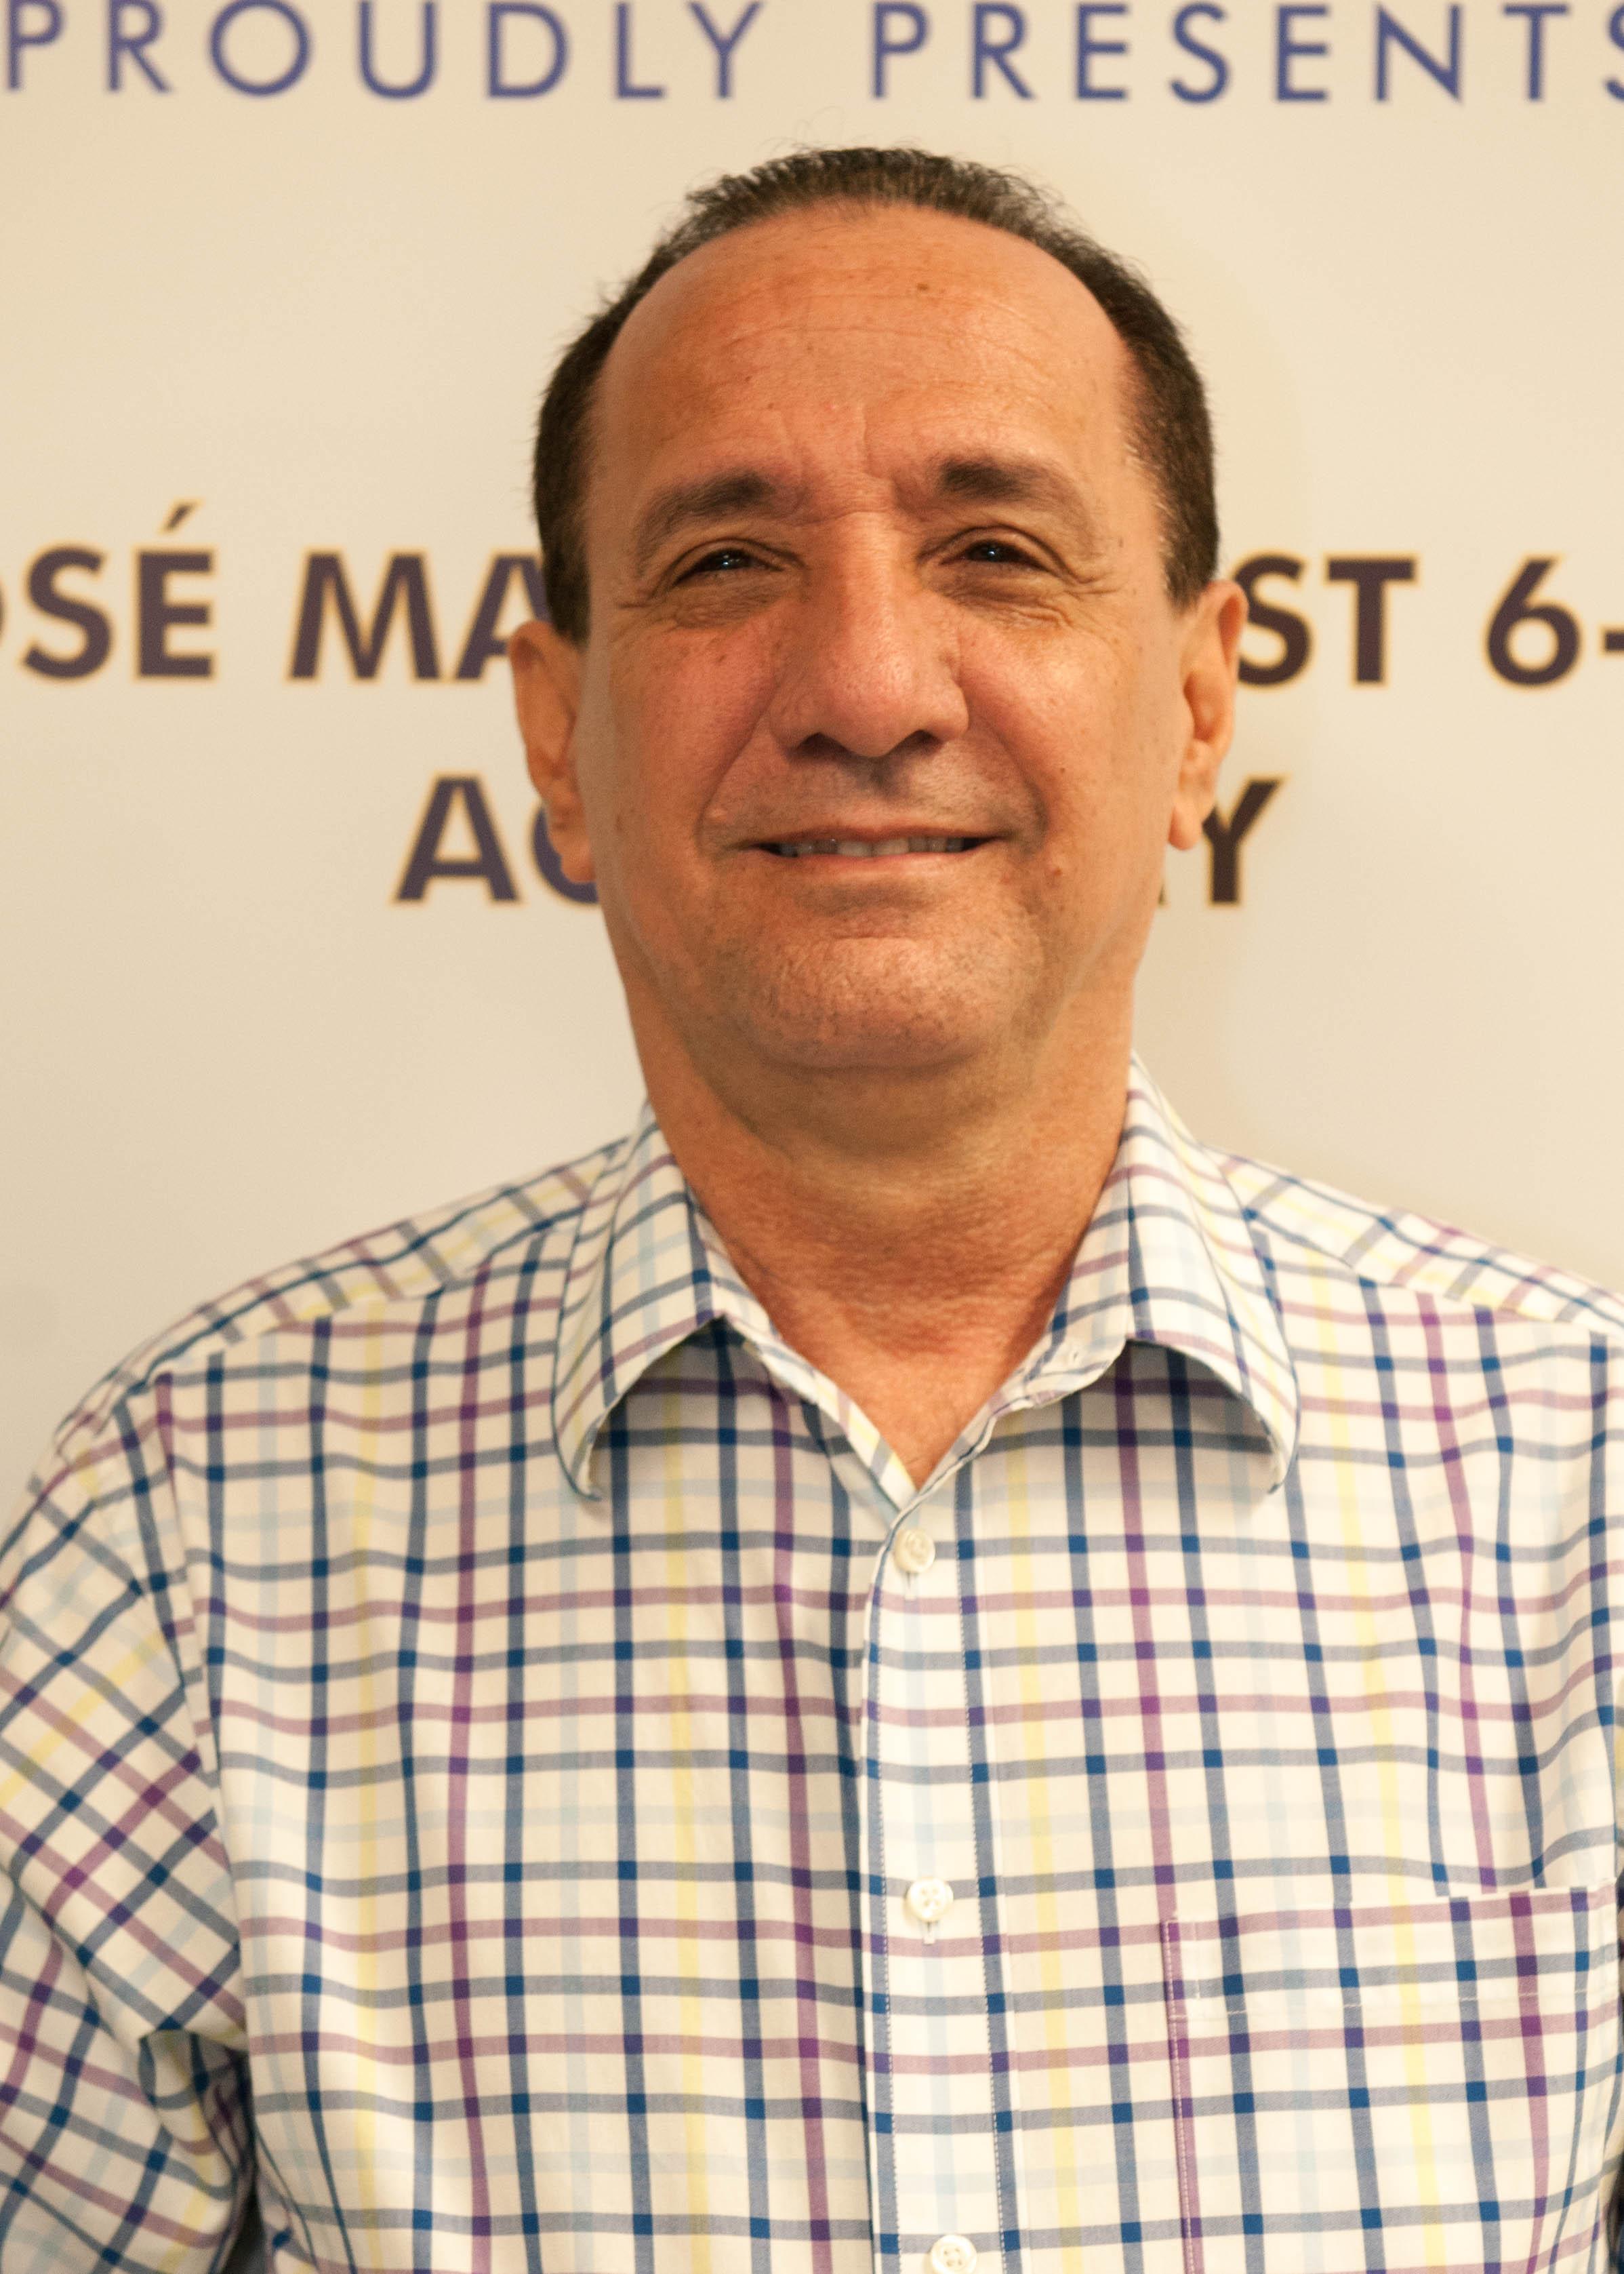 Hector Fuentes